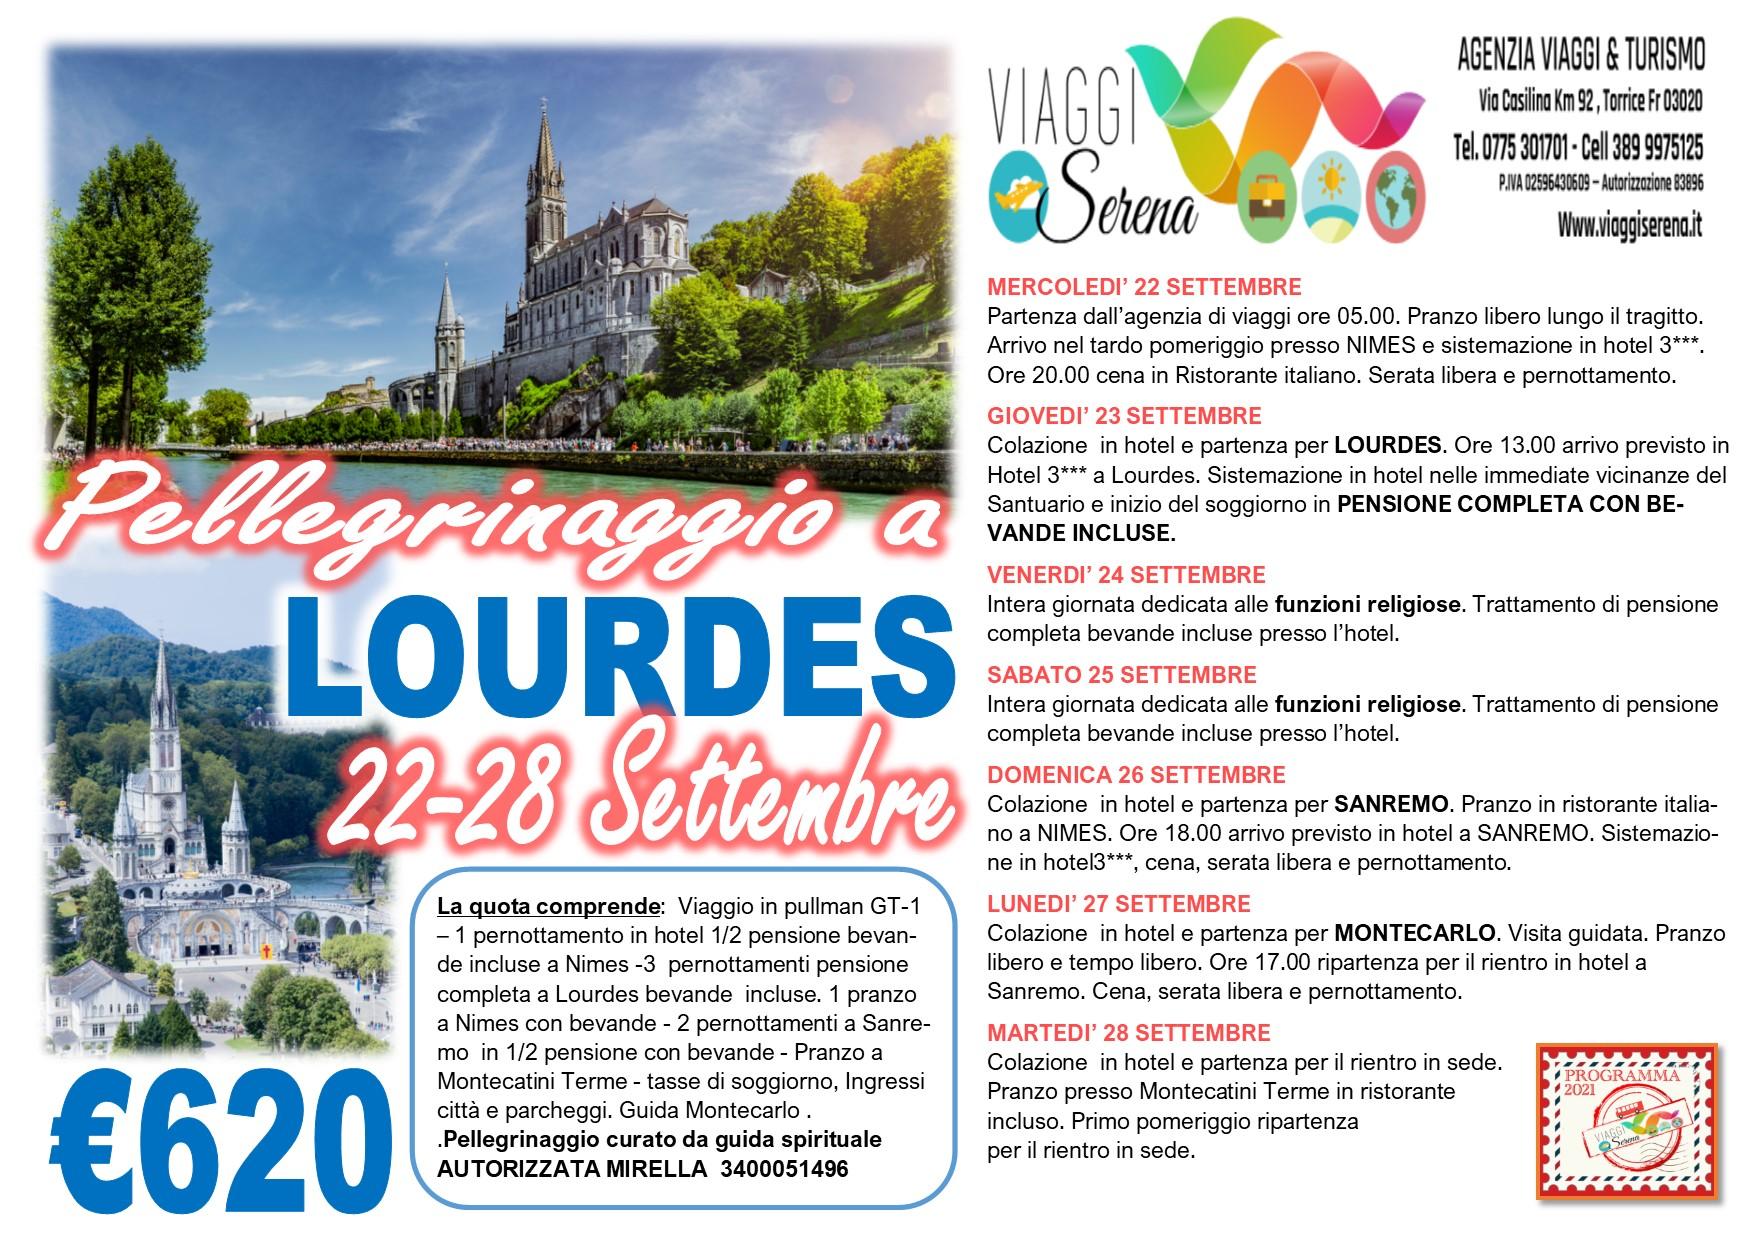 Viaggi di Gruppo: pellegrinaggio Lourdes 22-28 Settembre € 620,00